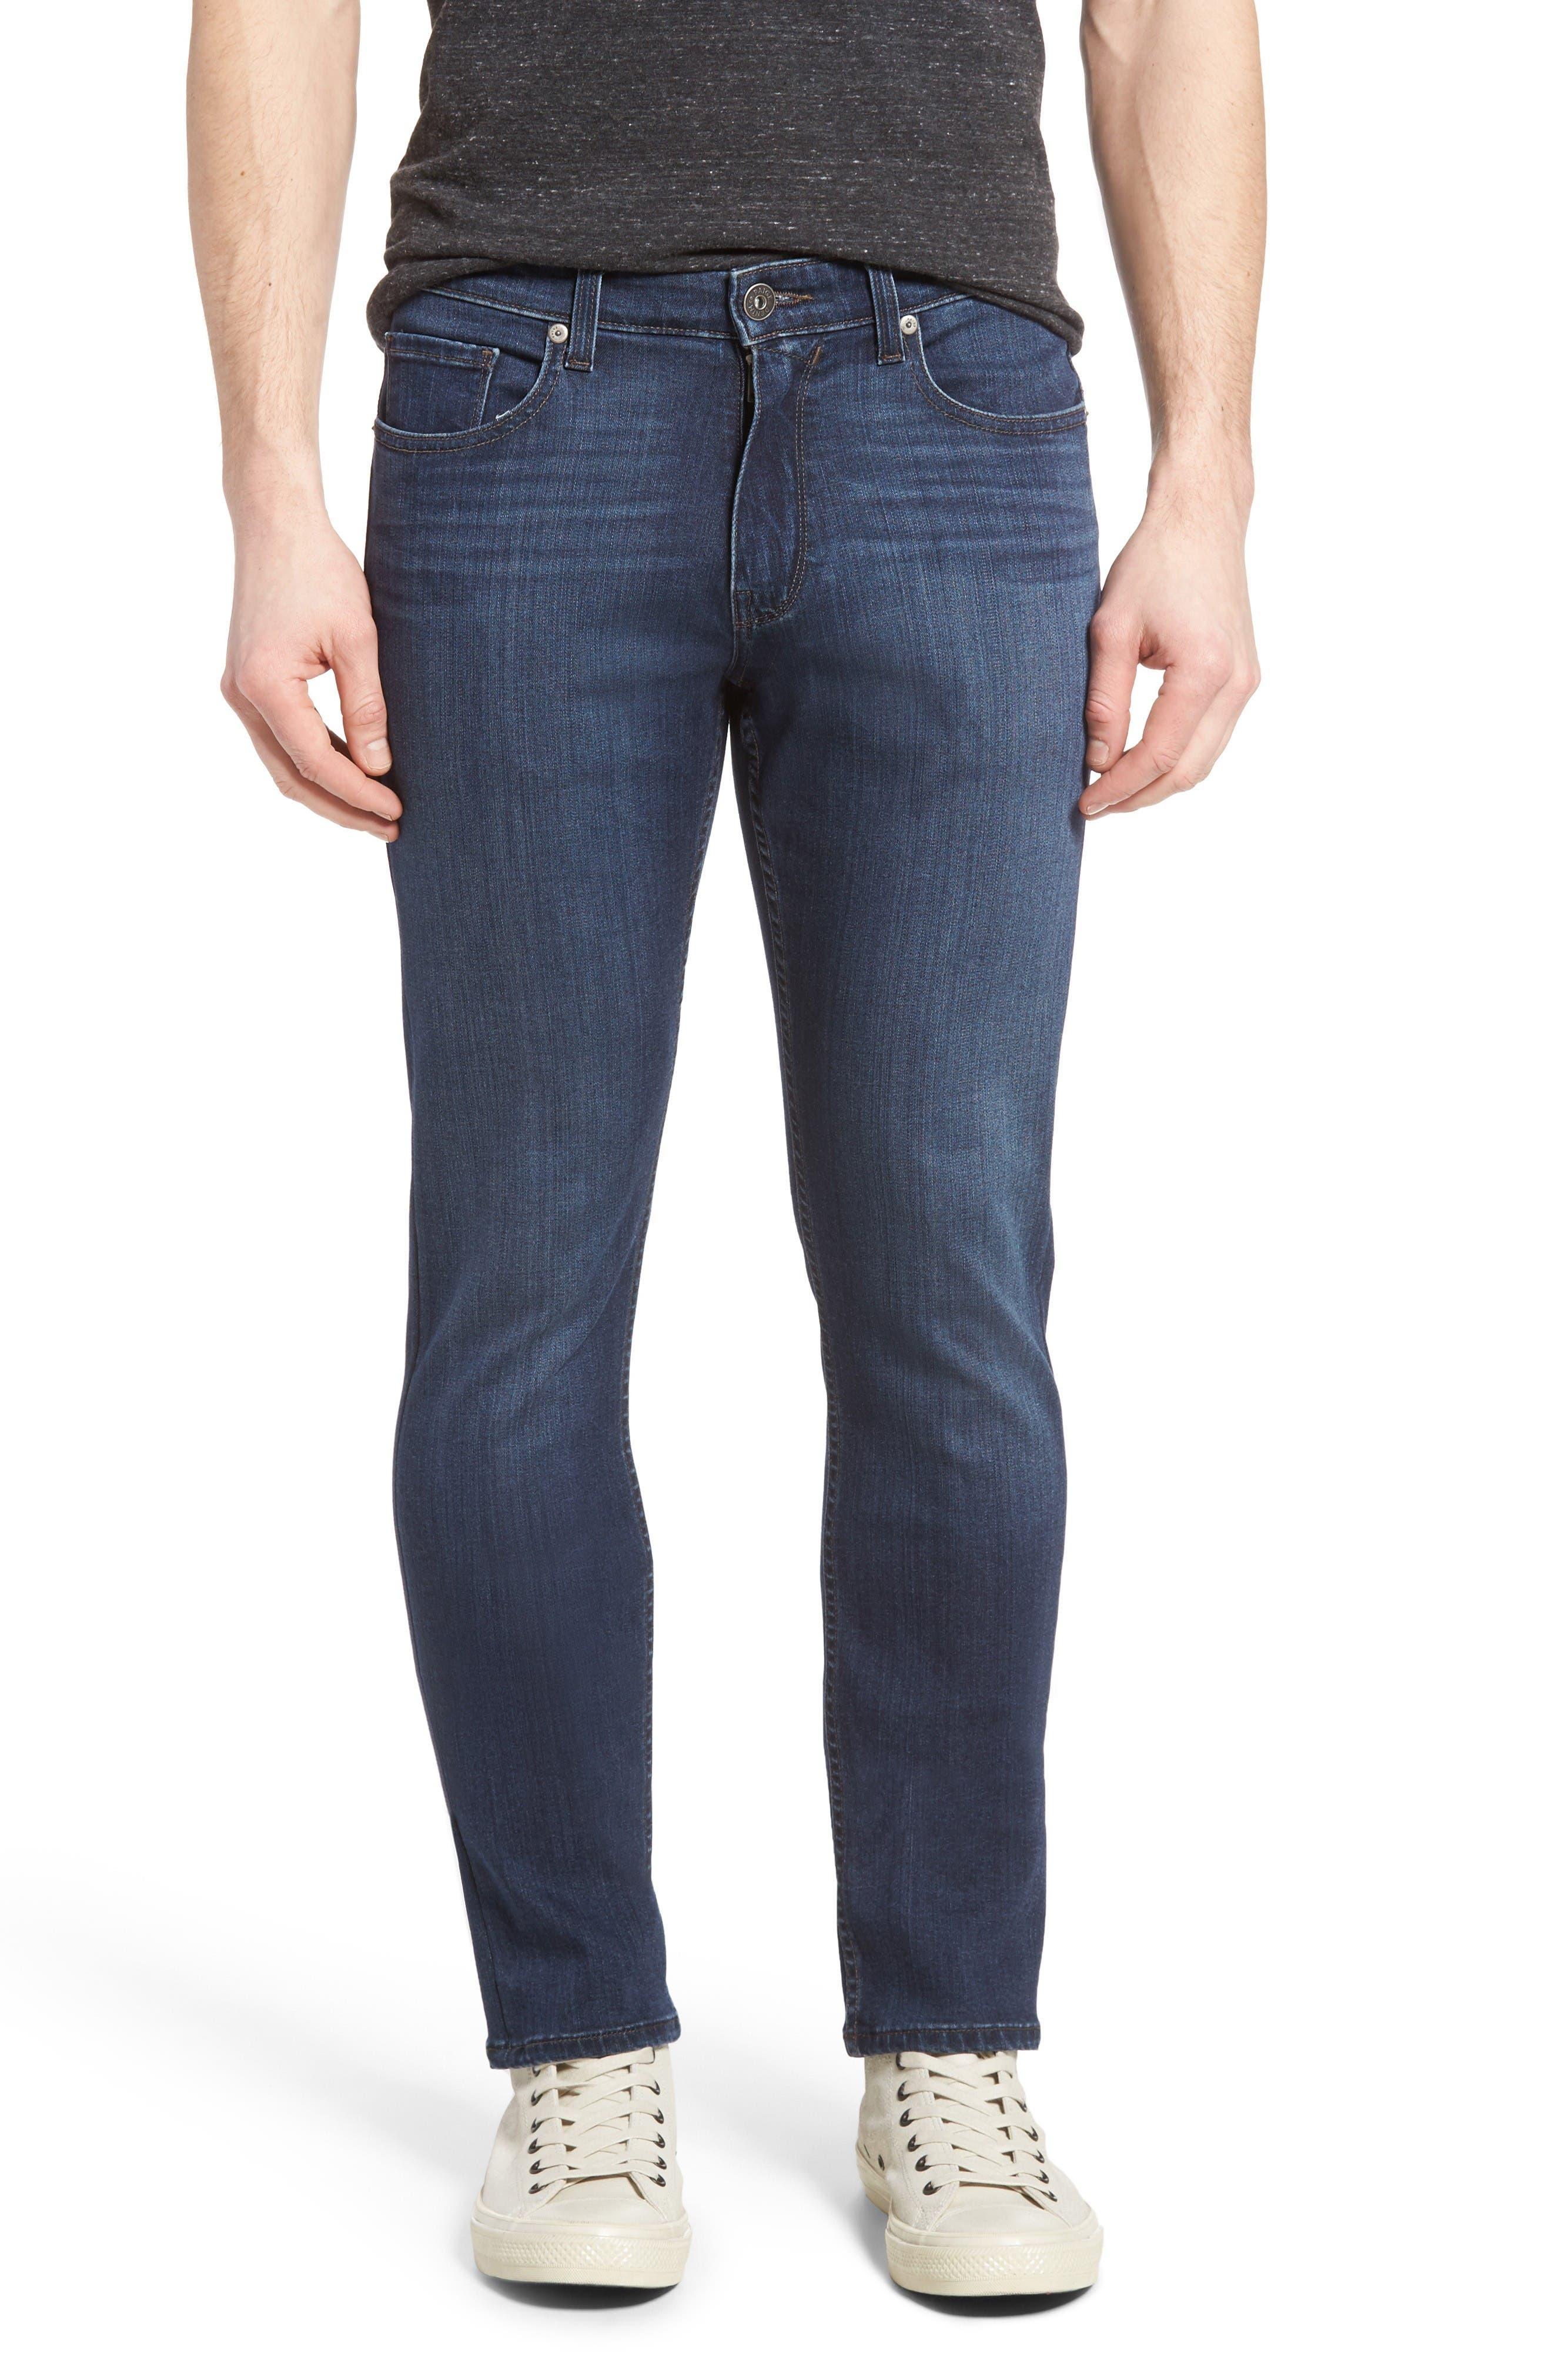 PAIGE Transcend - Lennox Slim Fit Jeans (Rainier)